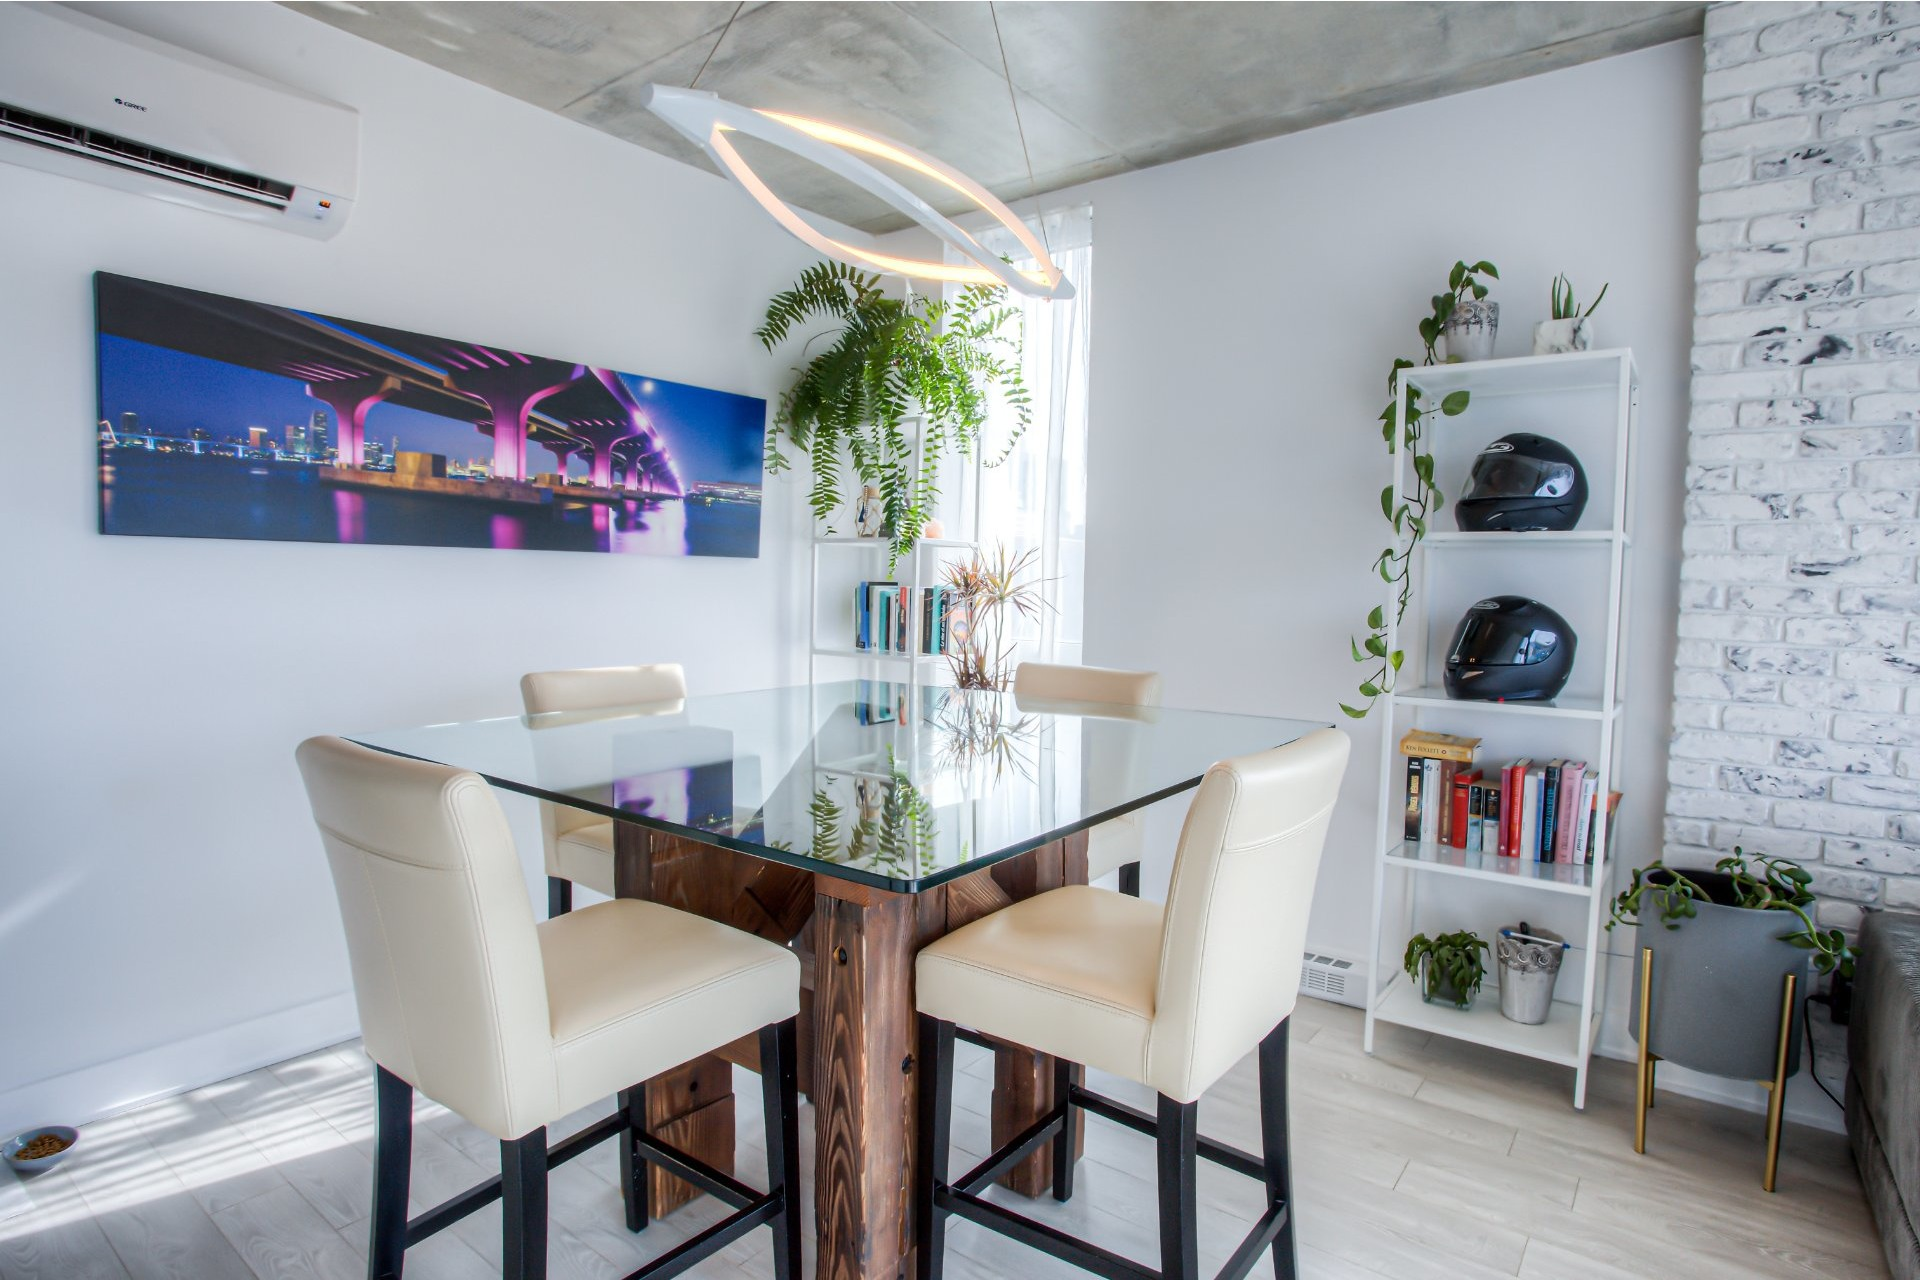 image 7 - Appartement À vendre Le Sud-Ouest Montréal  - 5 pièces